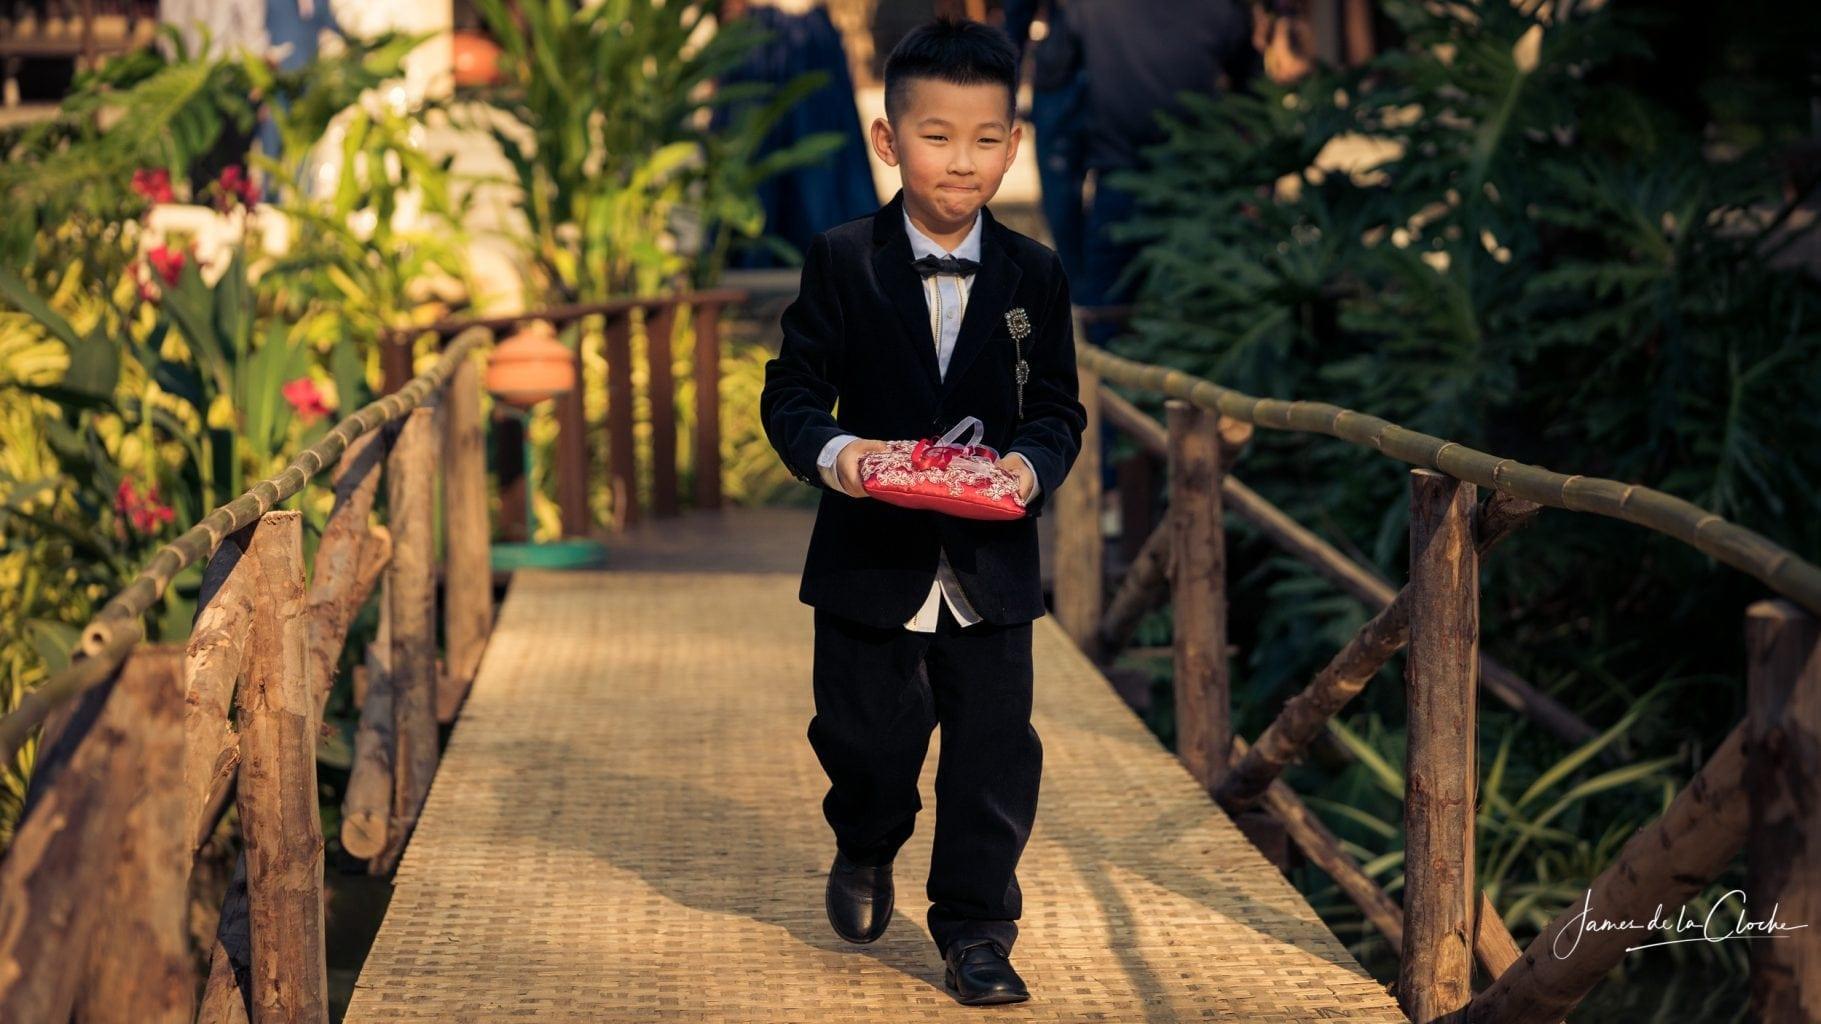 Cute Kid Carries The Rings